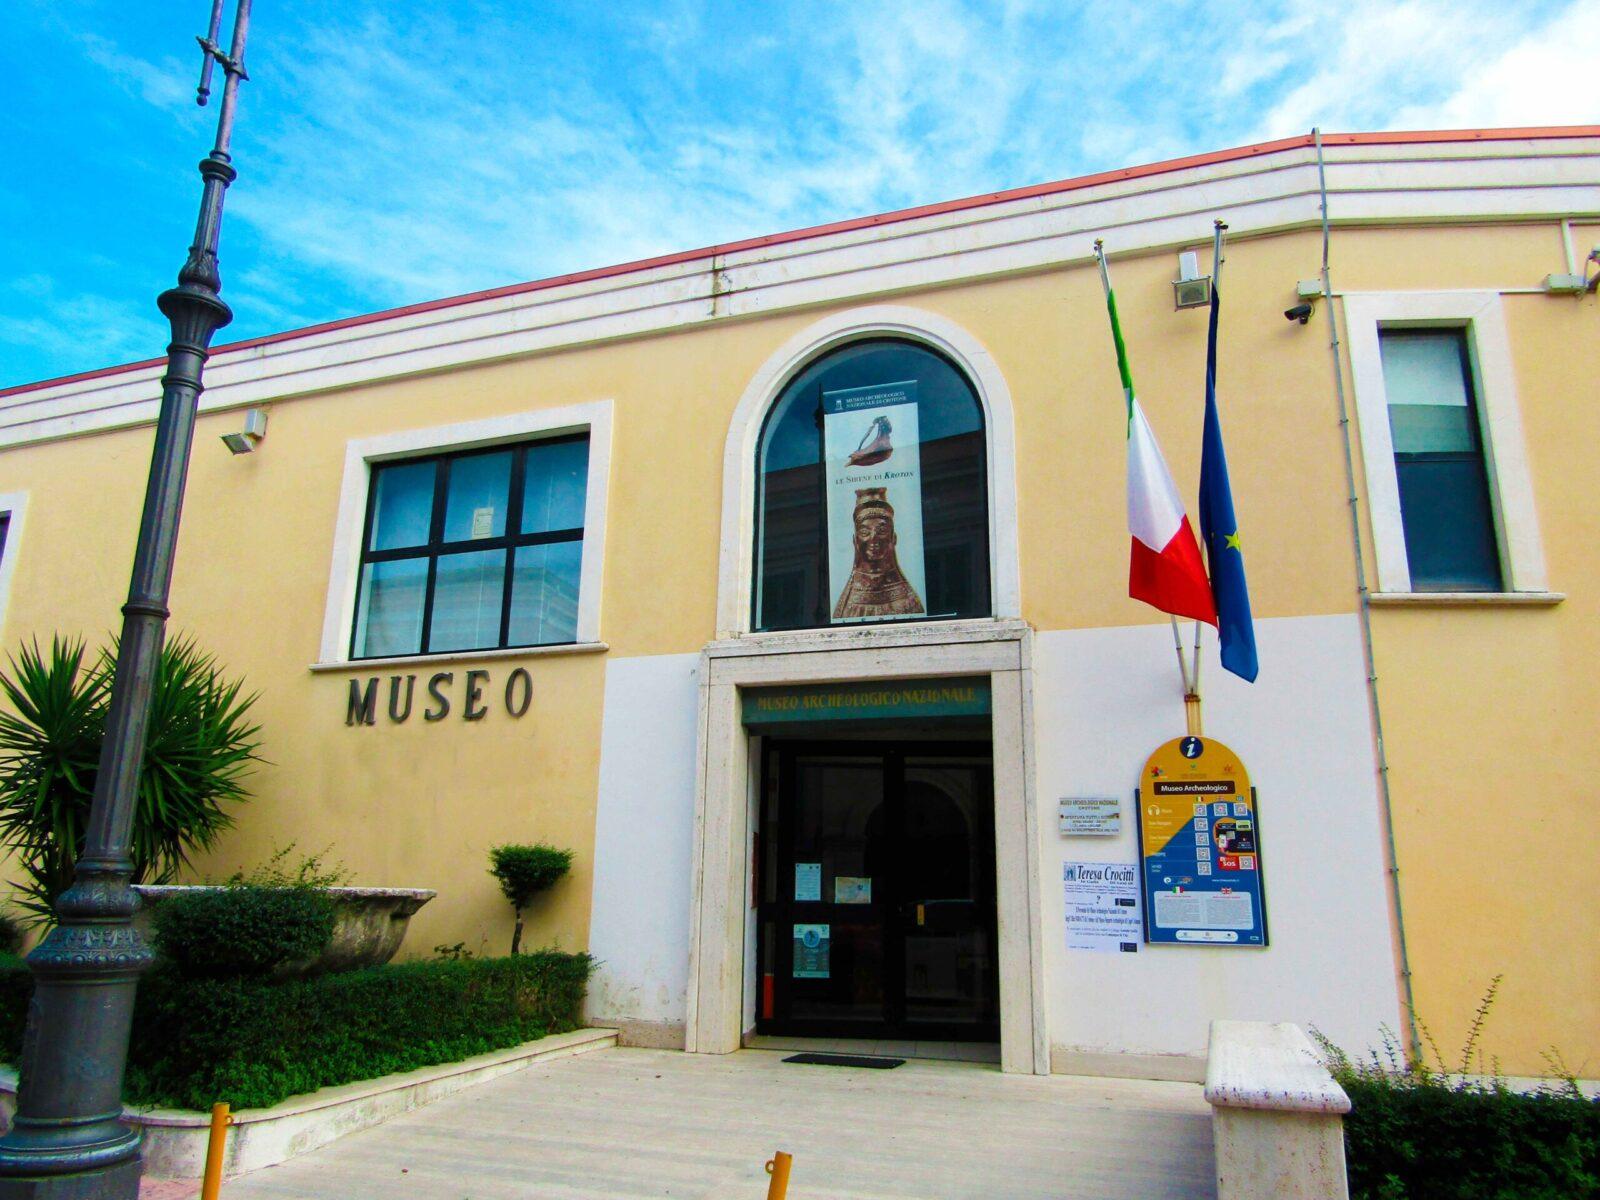 Il Museo Archeologico Nazionale, viaggio nella storia e nei tesori